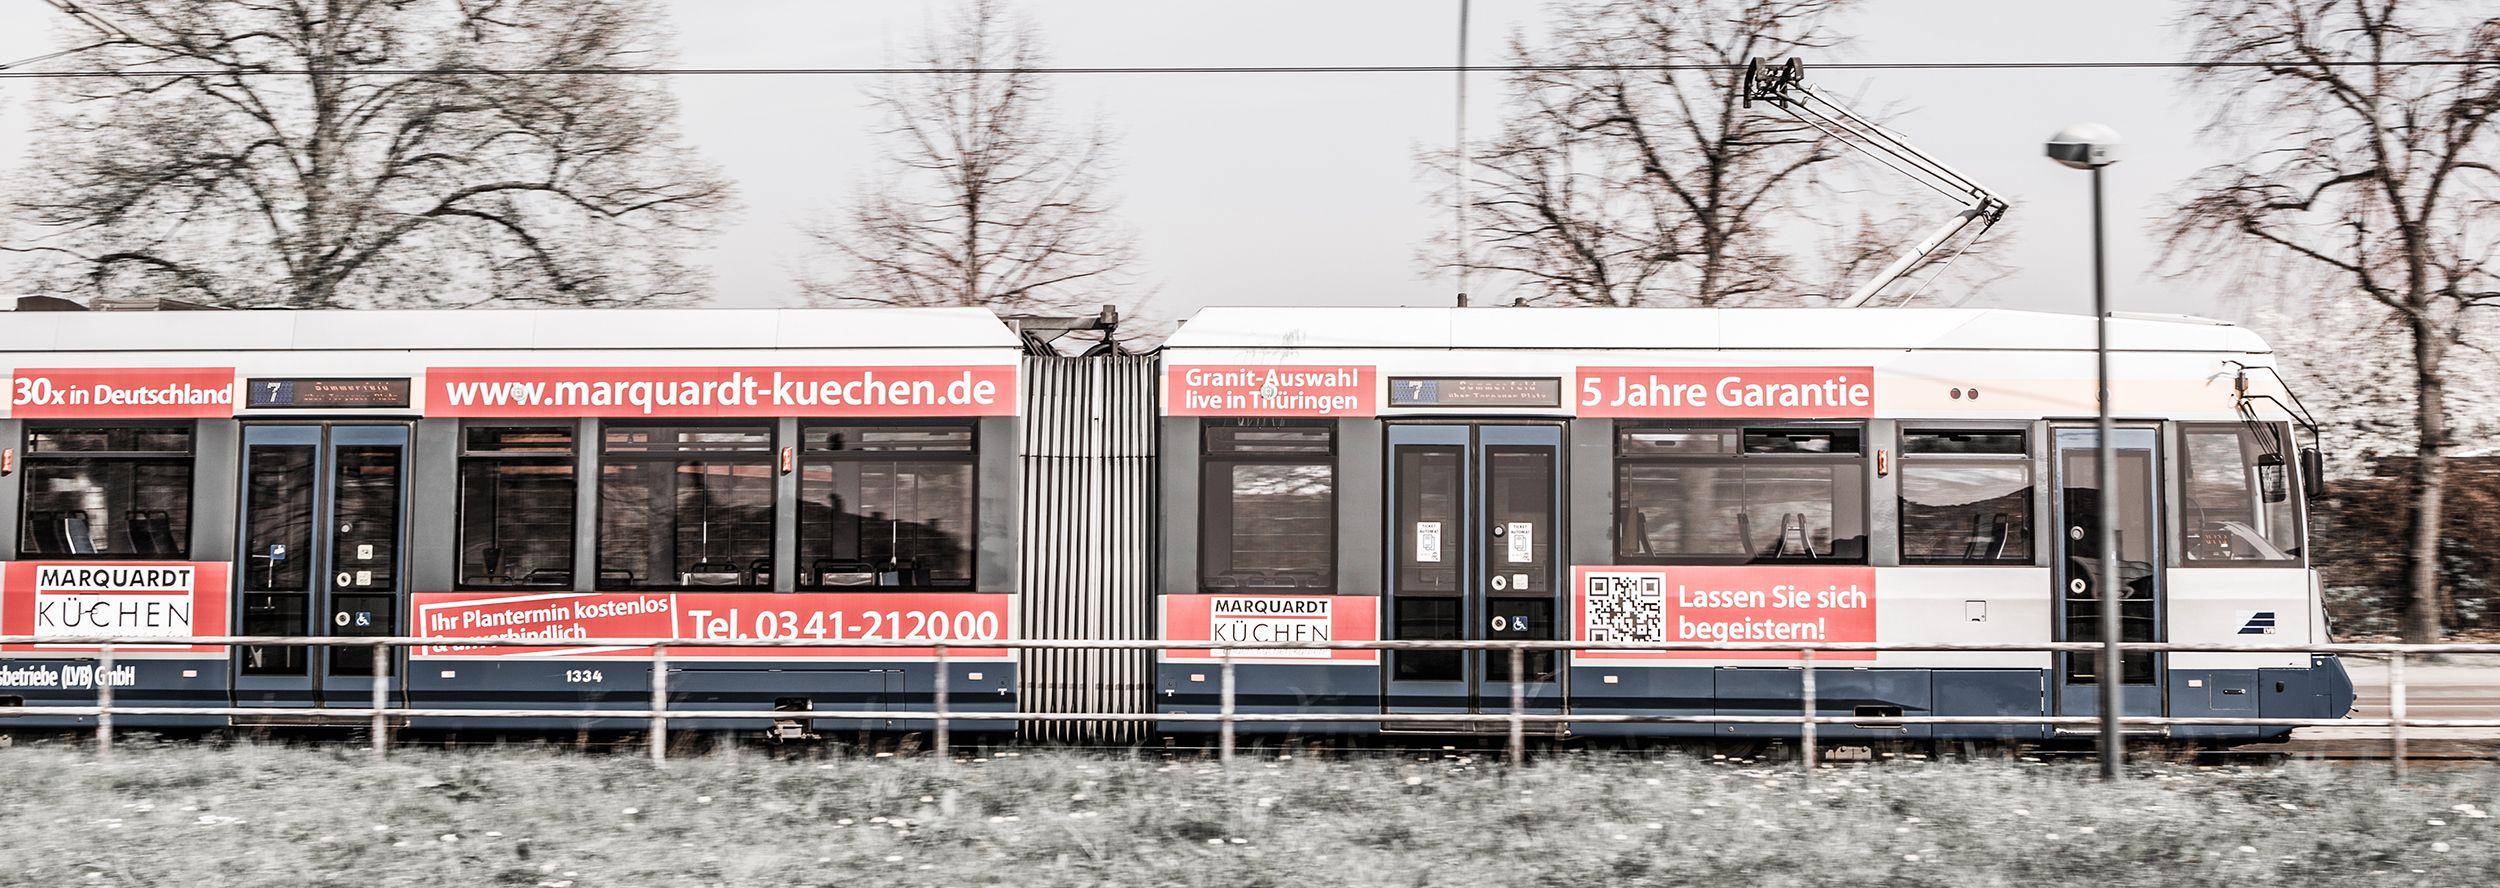 Marquardt Kuchen Strassenbahn In Leipzig Kuchen Pinterest